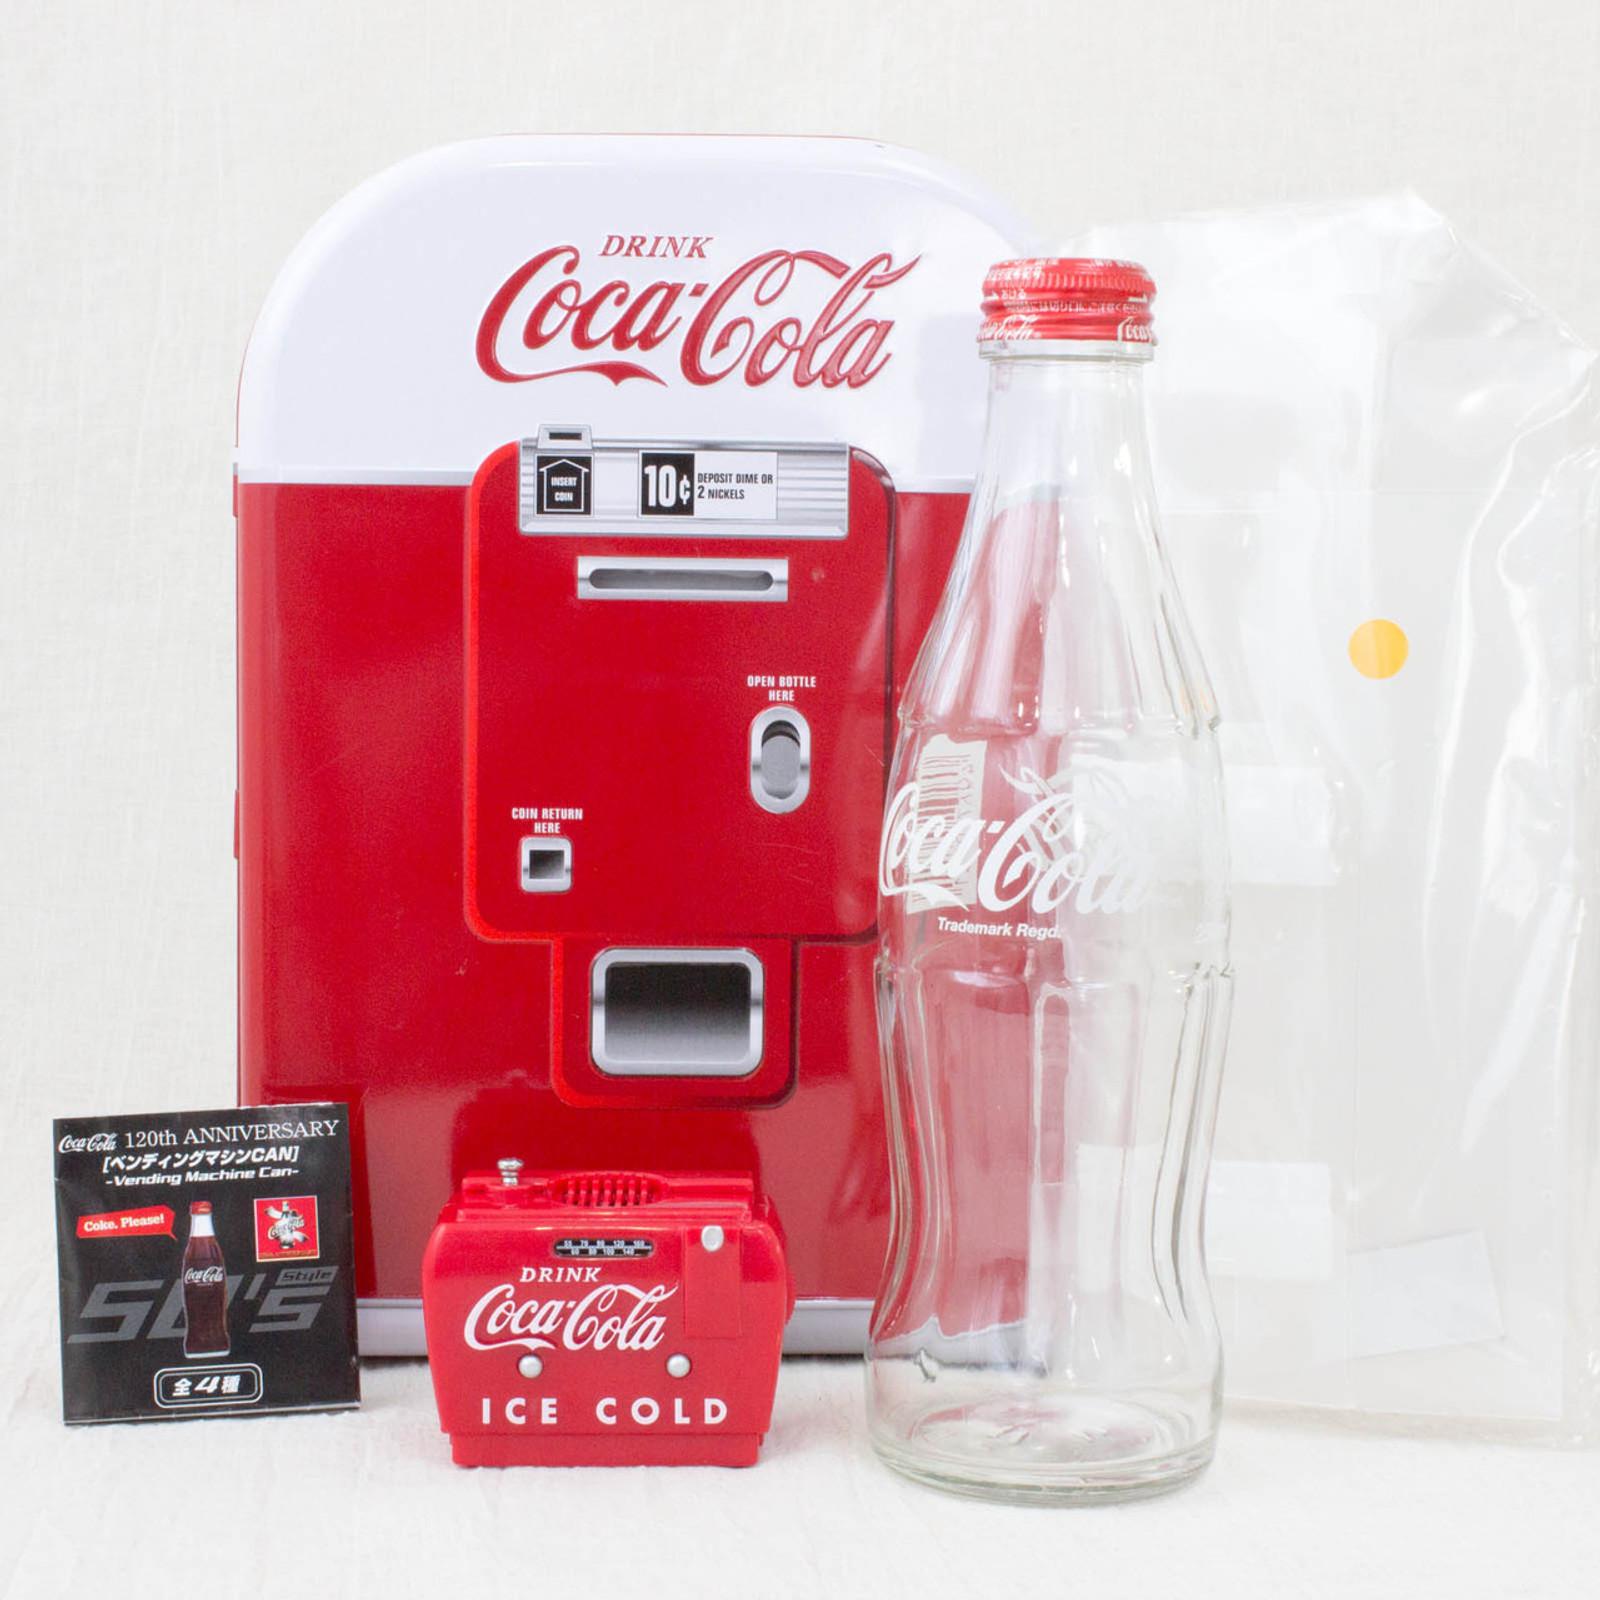 Coca-Cola Vending Machine Miniature 50's Ver + Cooler Box type FM Radio JAPAN